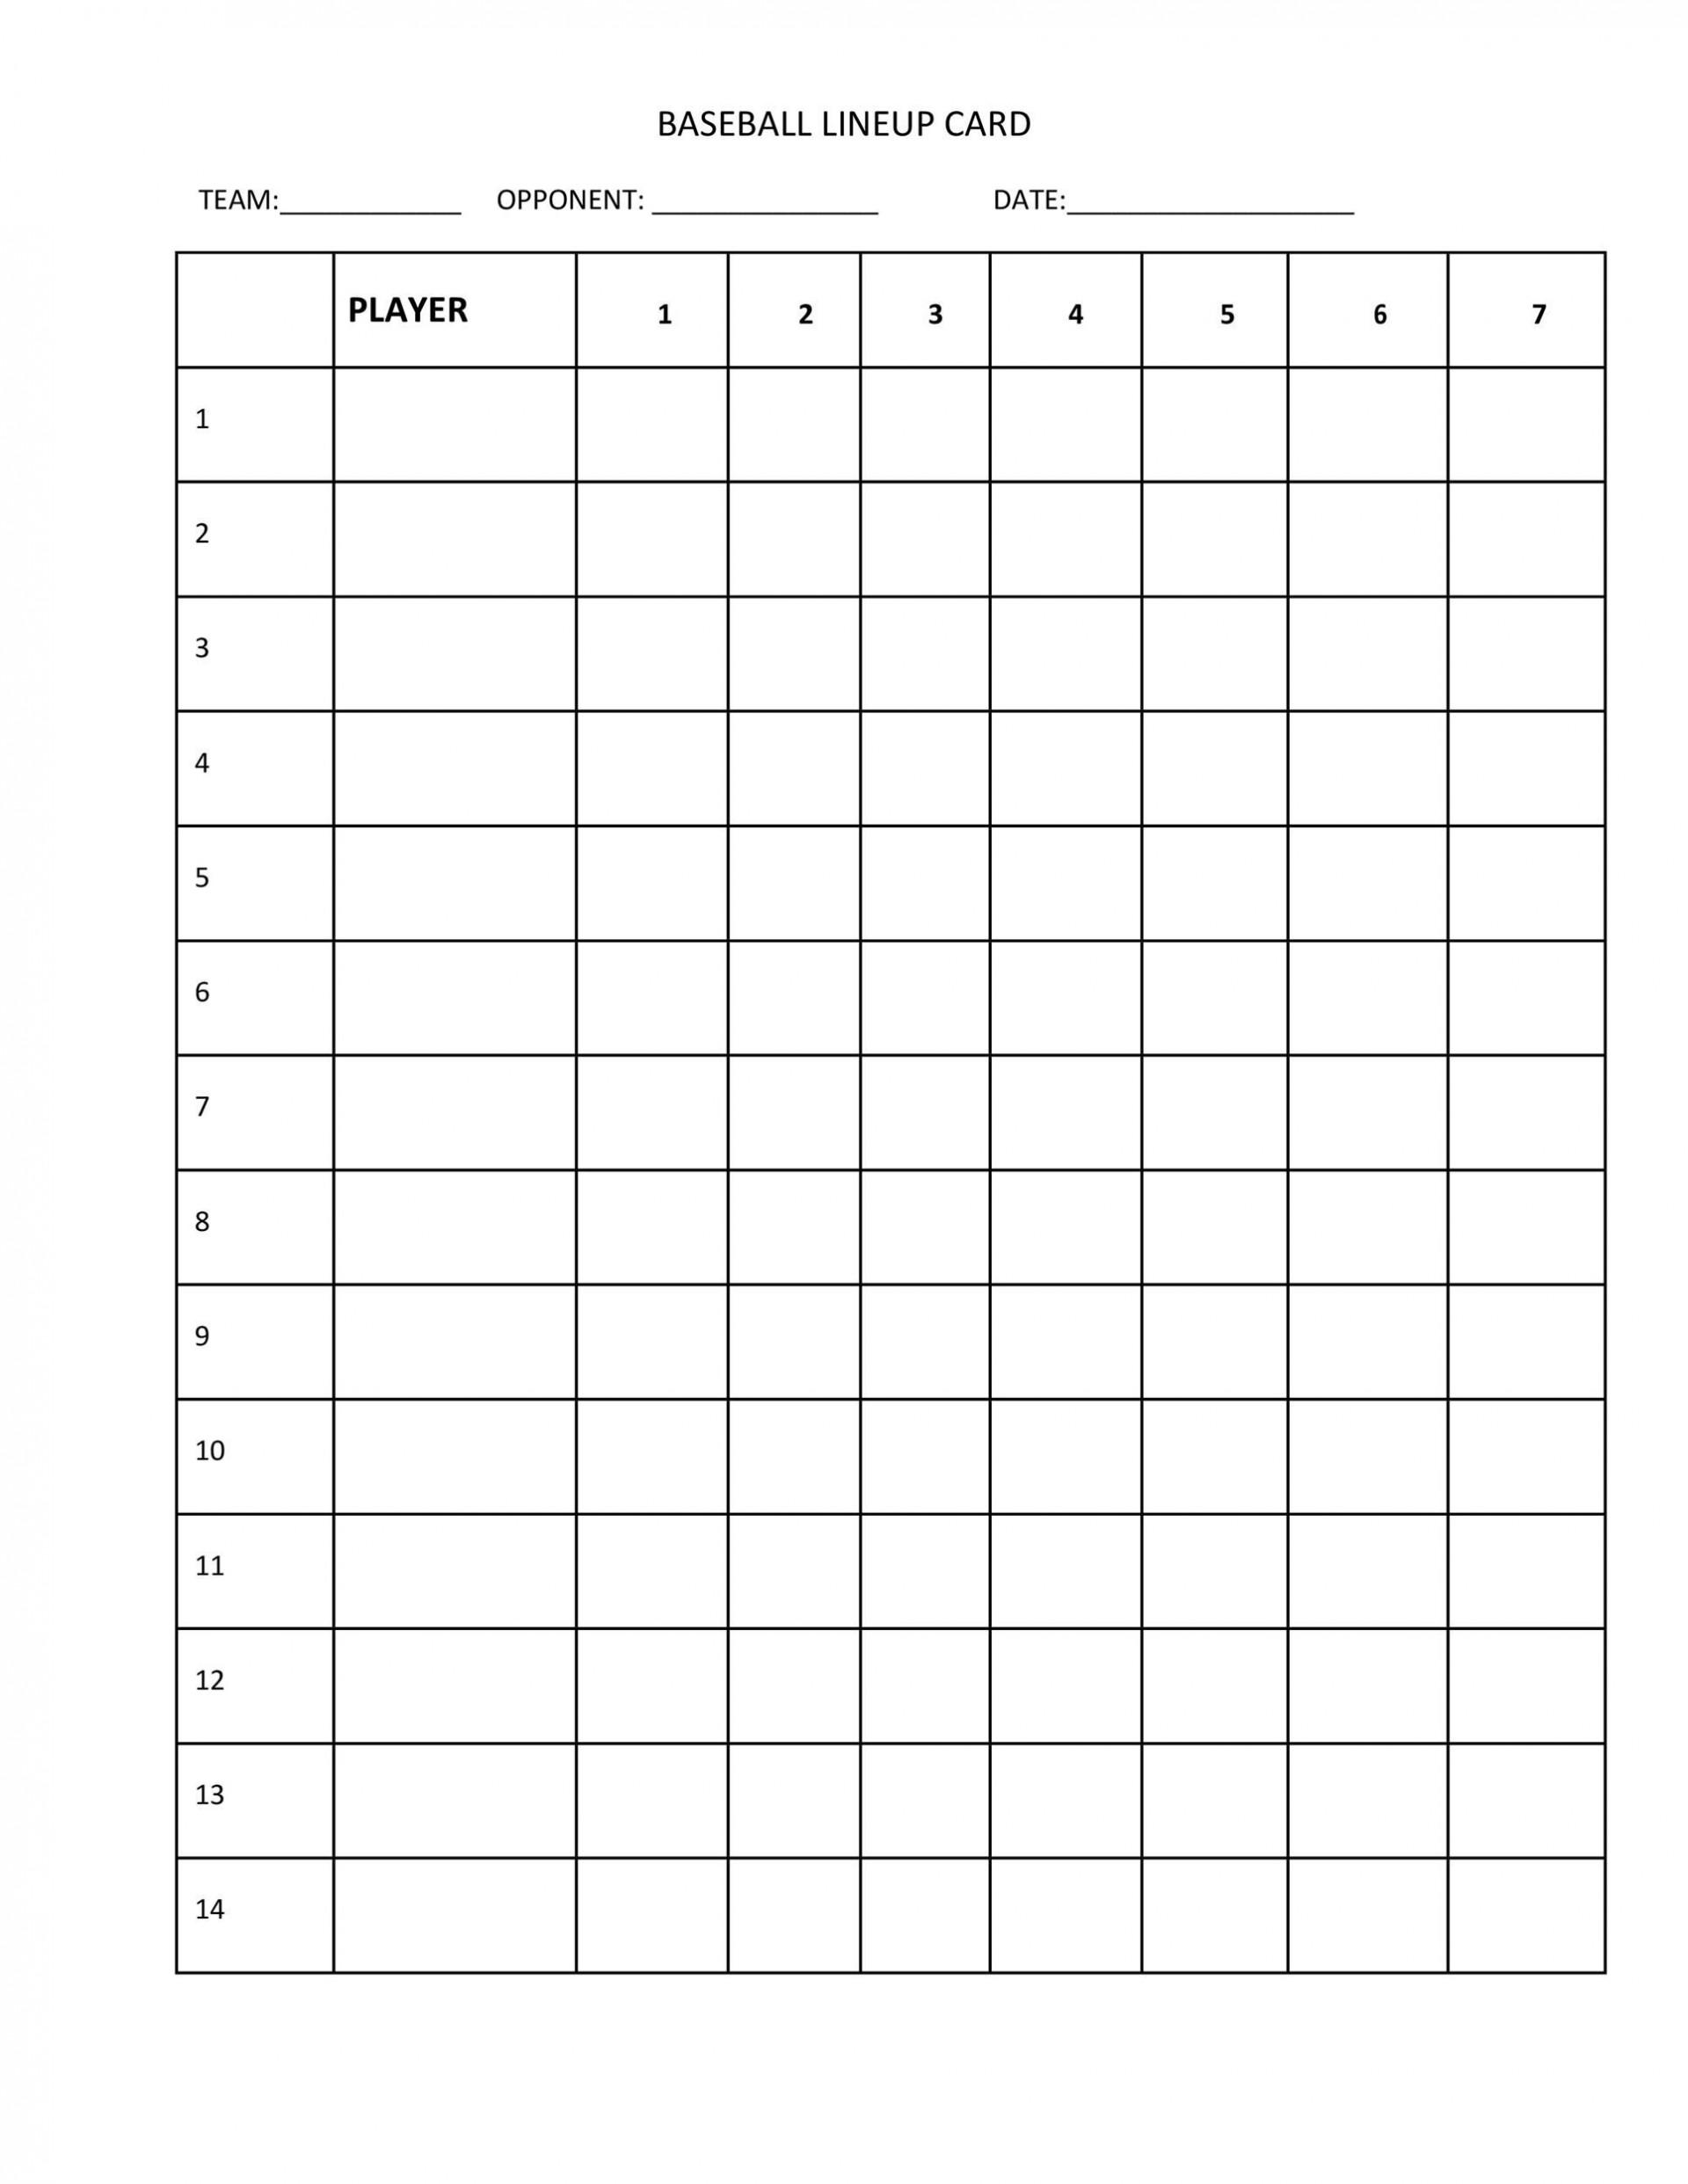 003 Outstanding Little League Lineup Card Template High Definition  Baseball1920